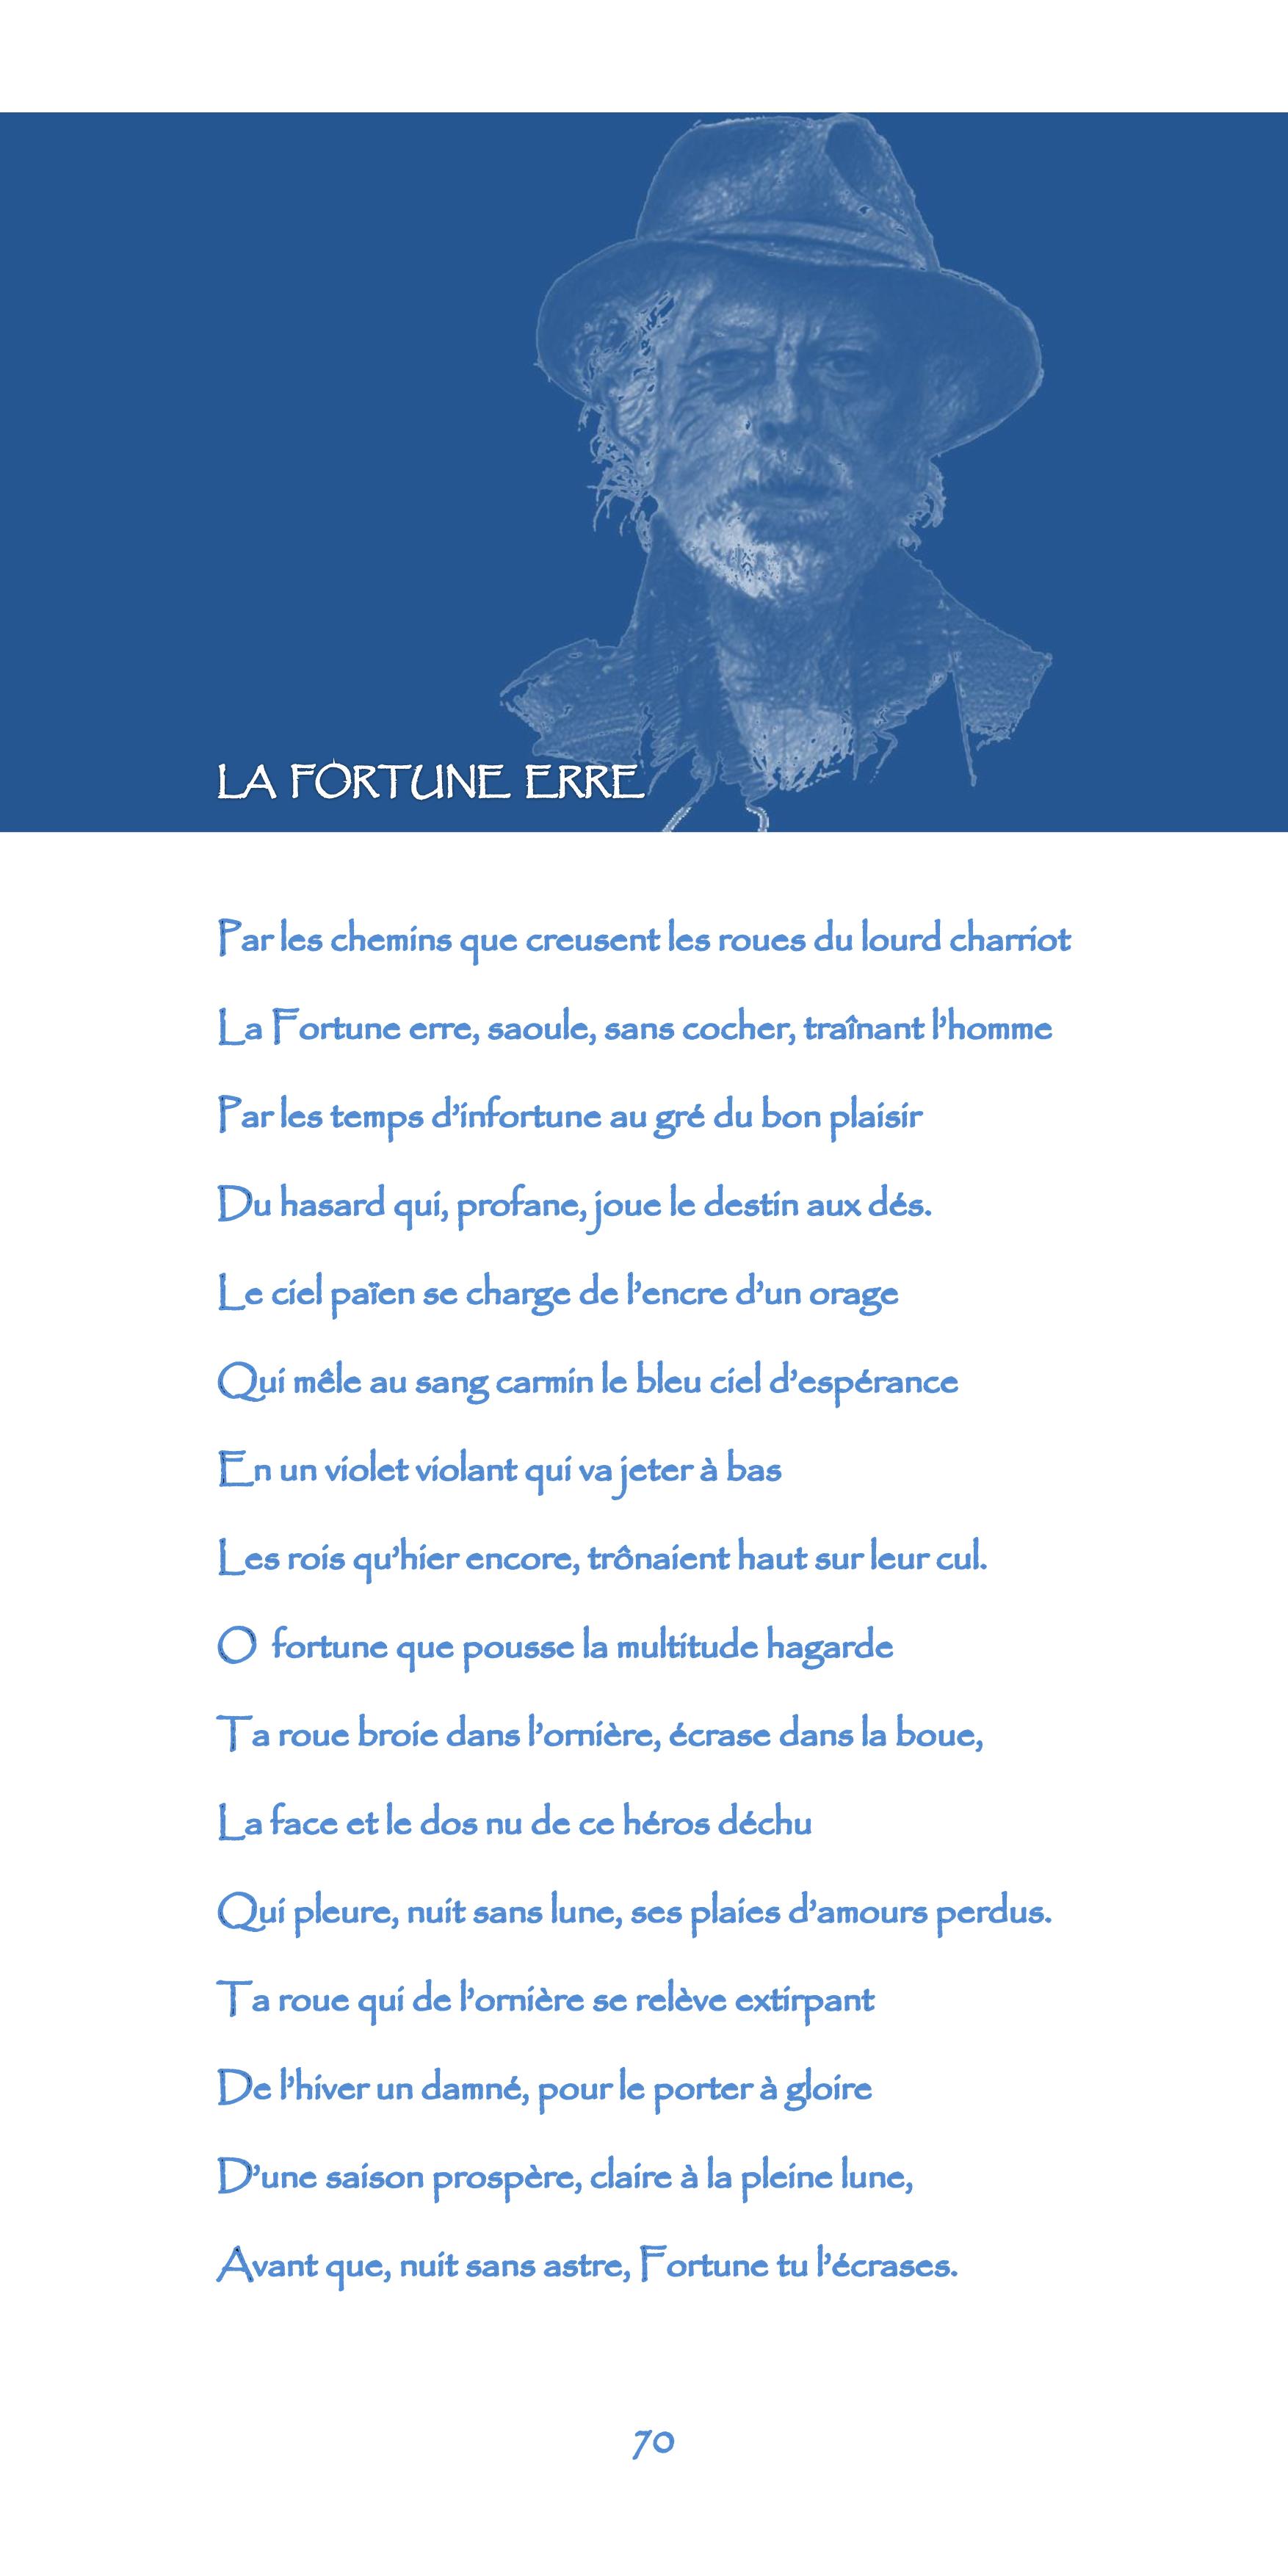 70-nègre_bleu-la_fortune_erre.jpg